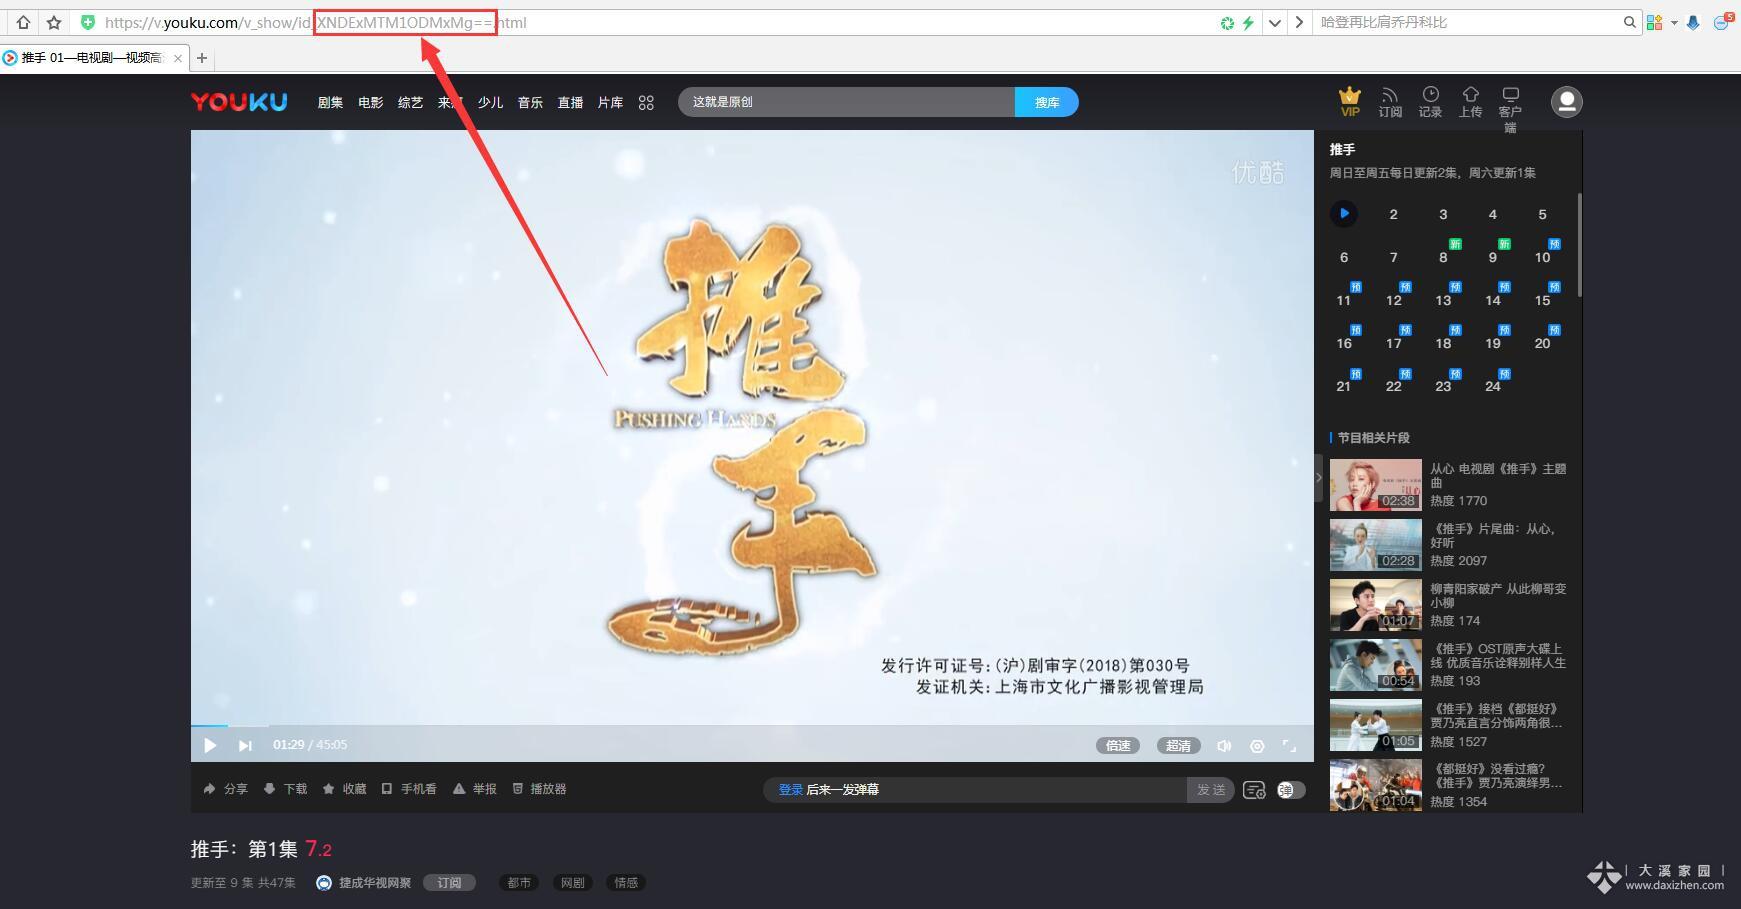 大溪家园视频分享功能上线啦!